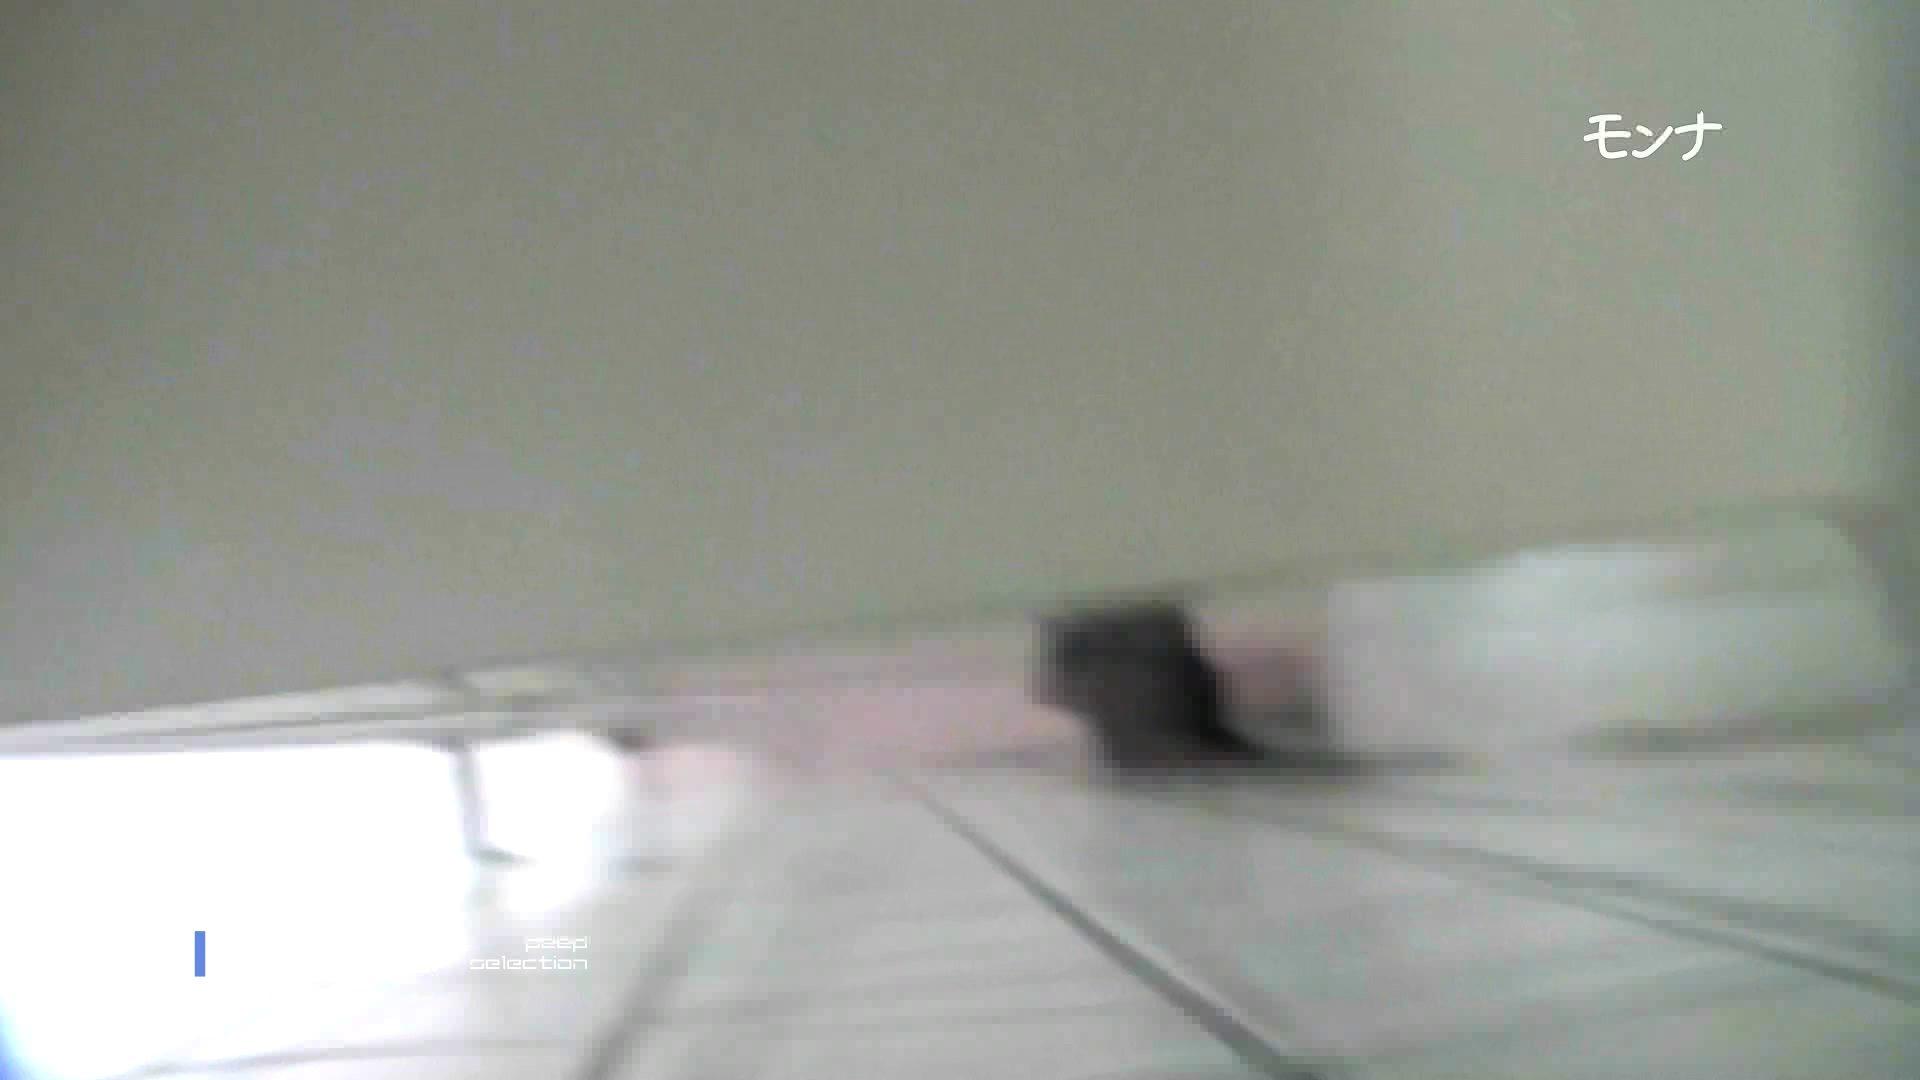 遂に!!戸田恵梨香似の予告モデル登場ダッシュで「大」 細身体型 性交動画流出 84枚 56